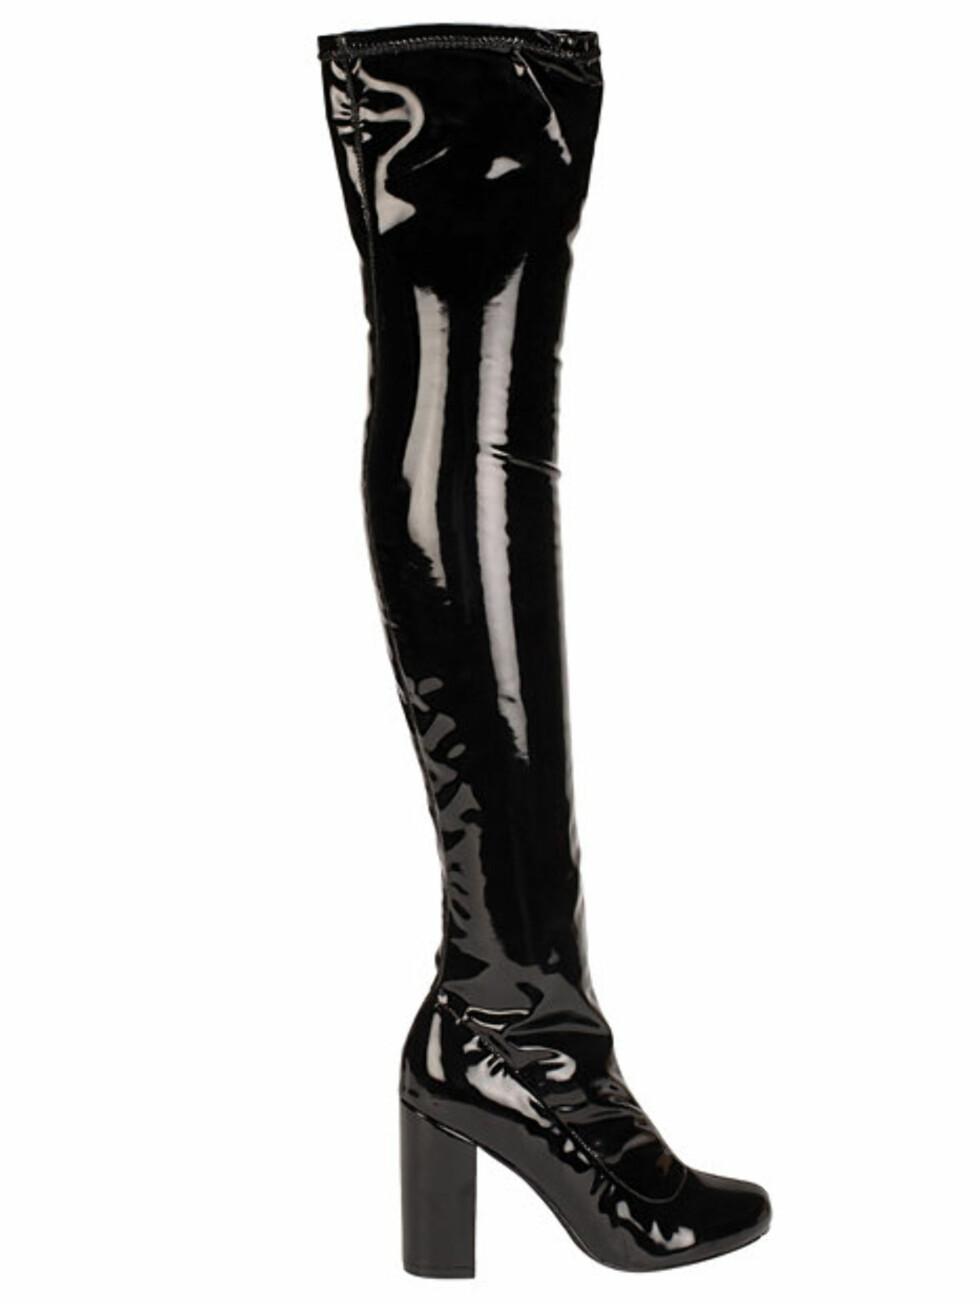 Lakk støvletter fra Nelly | kr 599 | http://nelly.com/no/kl%C3%A6r-til-kvinner/sko/boots-booties/nly-shoes-427/patent-thigh-high-boot-429562-14/